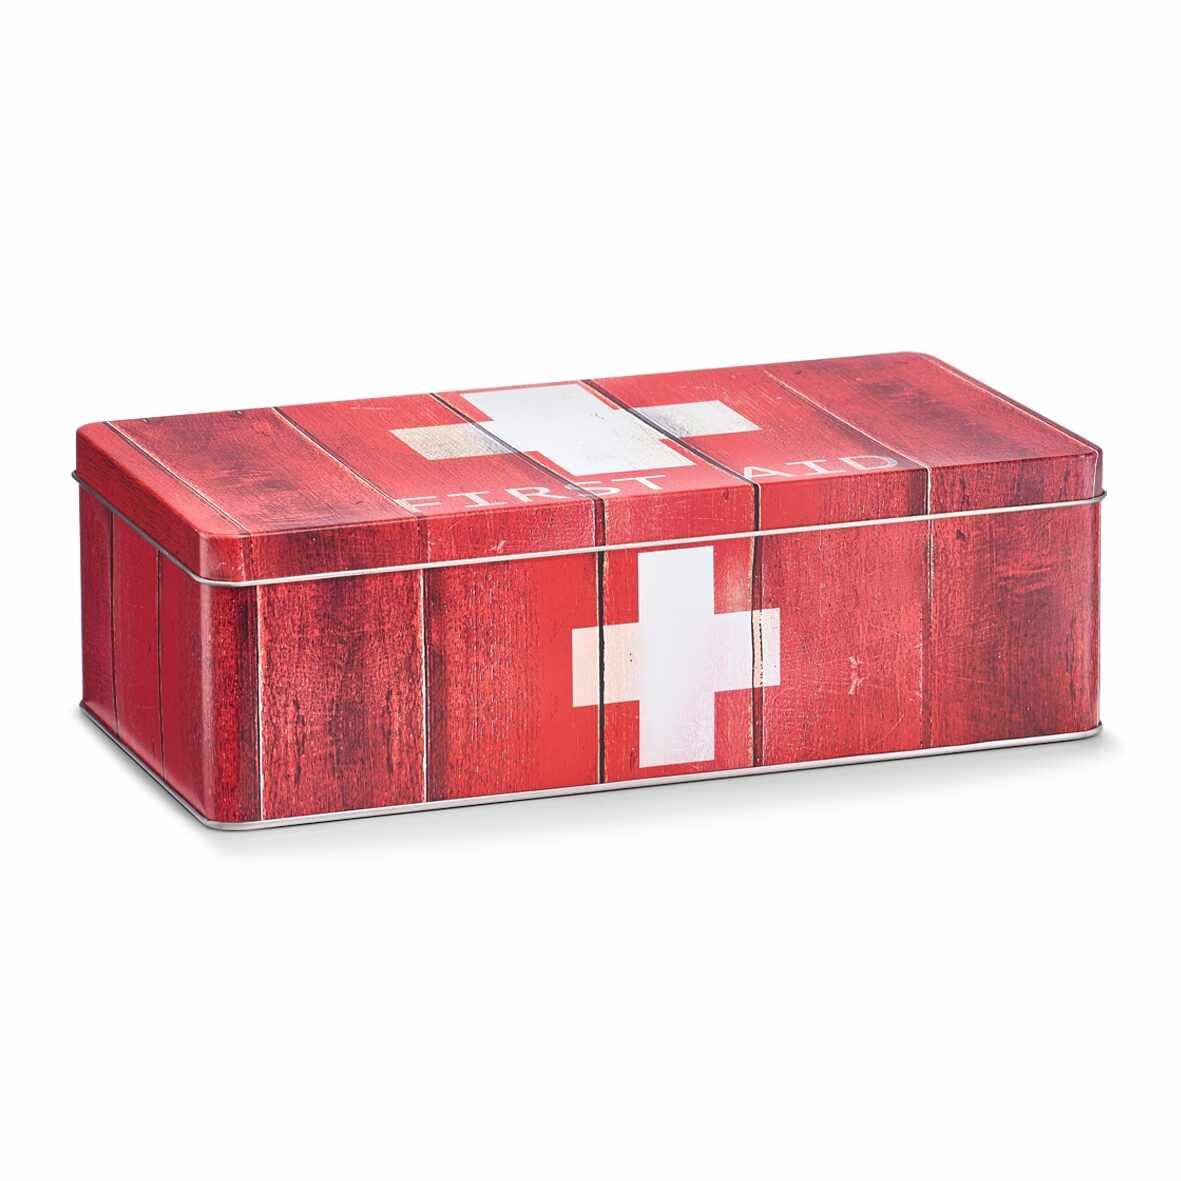 Cutie pentru depozitarea medicamentelor, First Aid, Metal Red, l26,2xA13,8xH8,2 cm la pret 35 lei